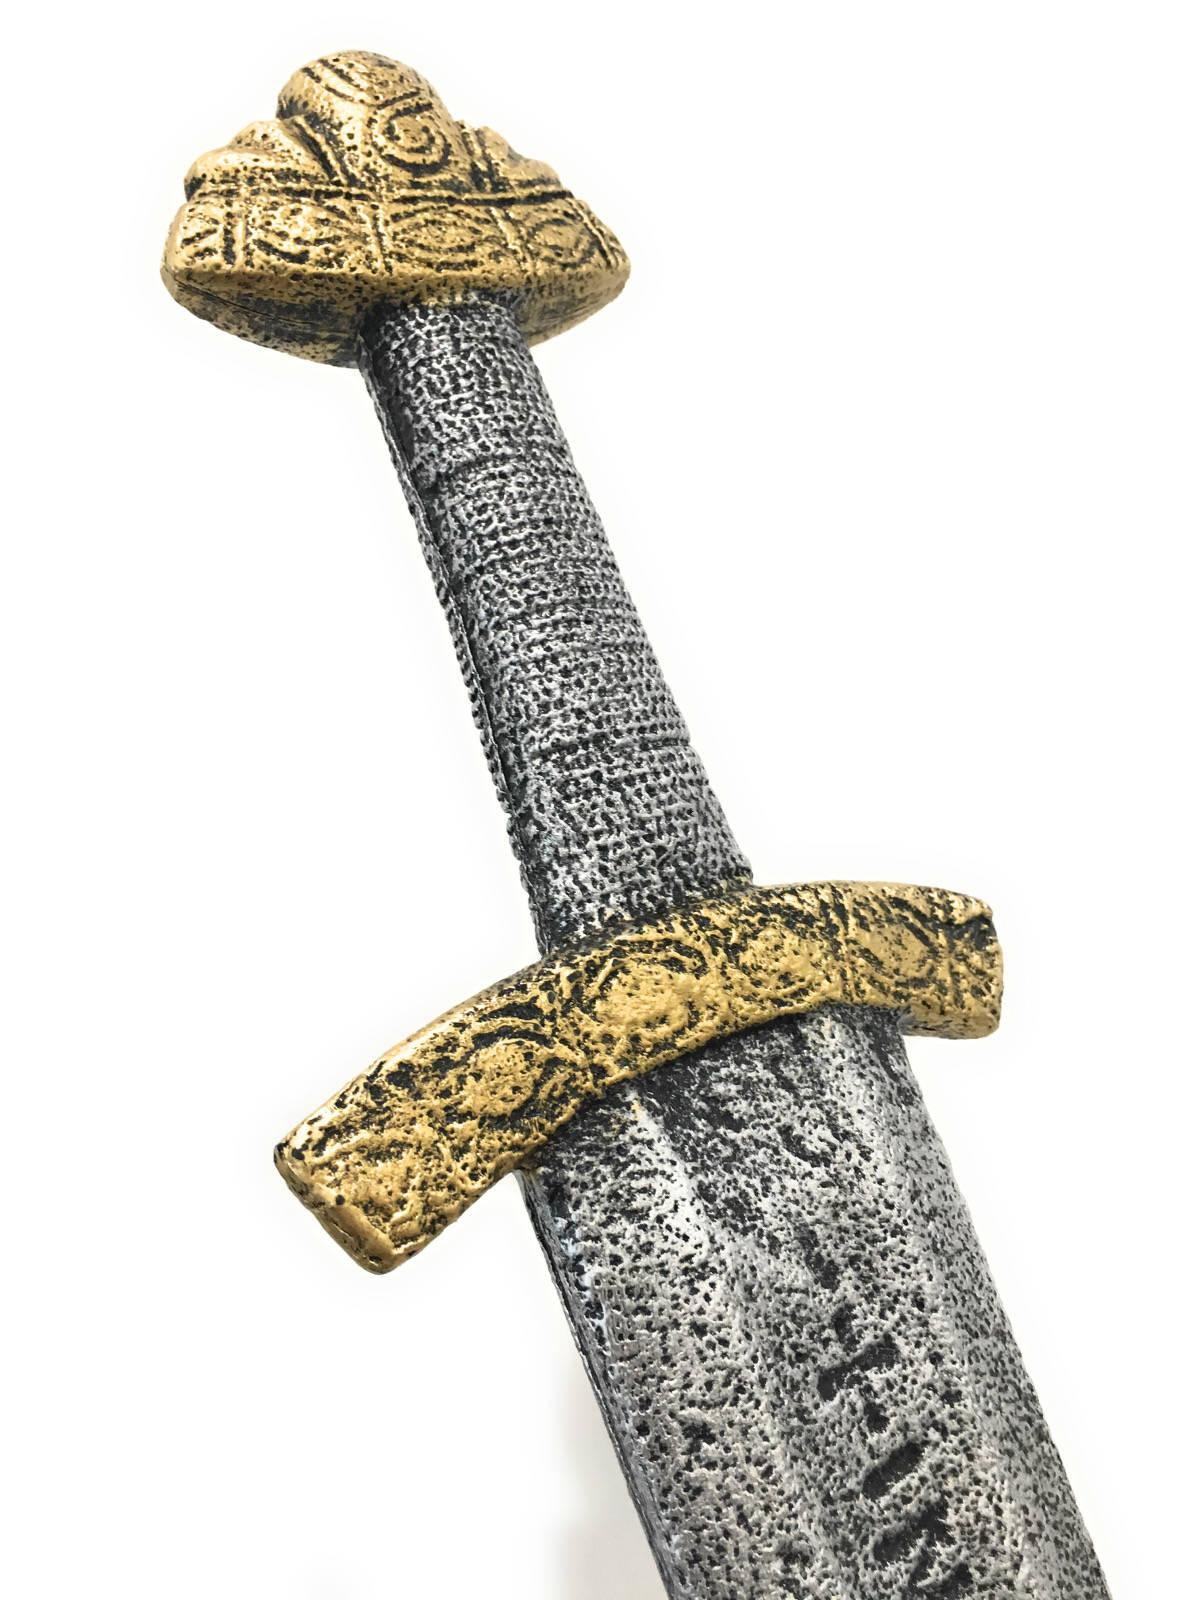 Норманнский МечМеч рыцарский Норманнский - мощный и богато украшенный меч, аналогами которого сражались норманнские воины. Серый пластик с позолотой.